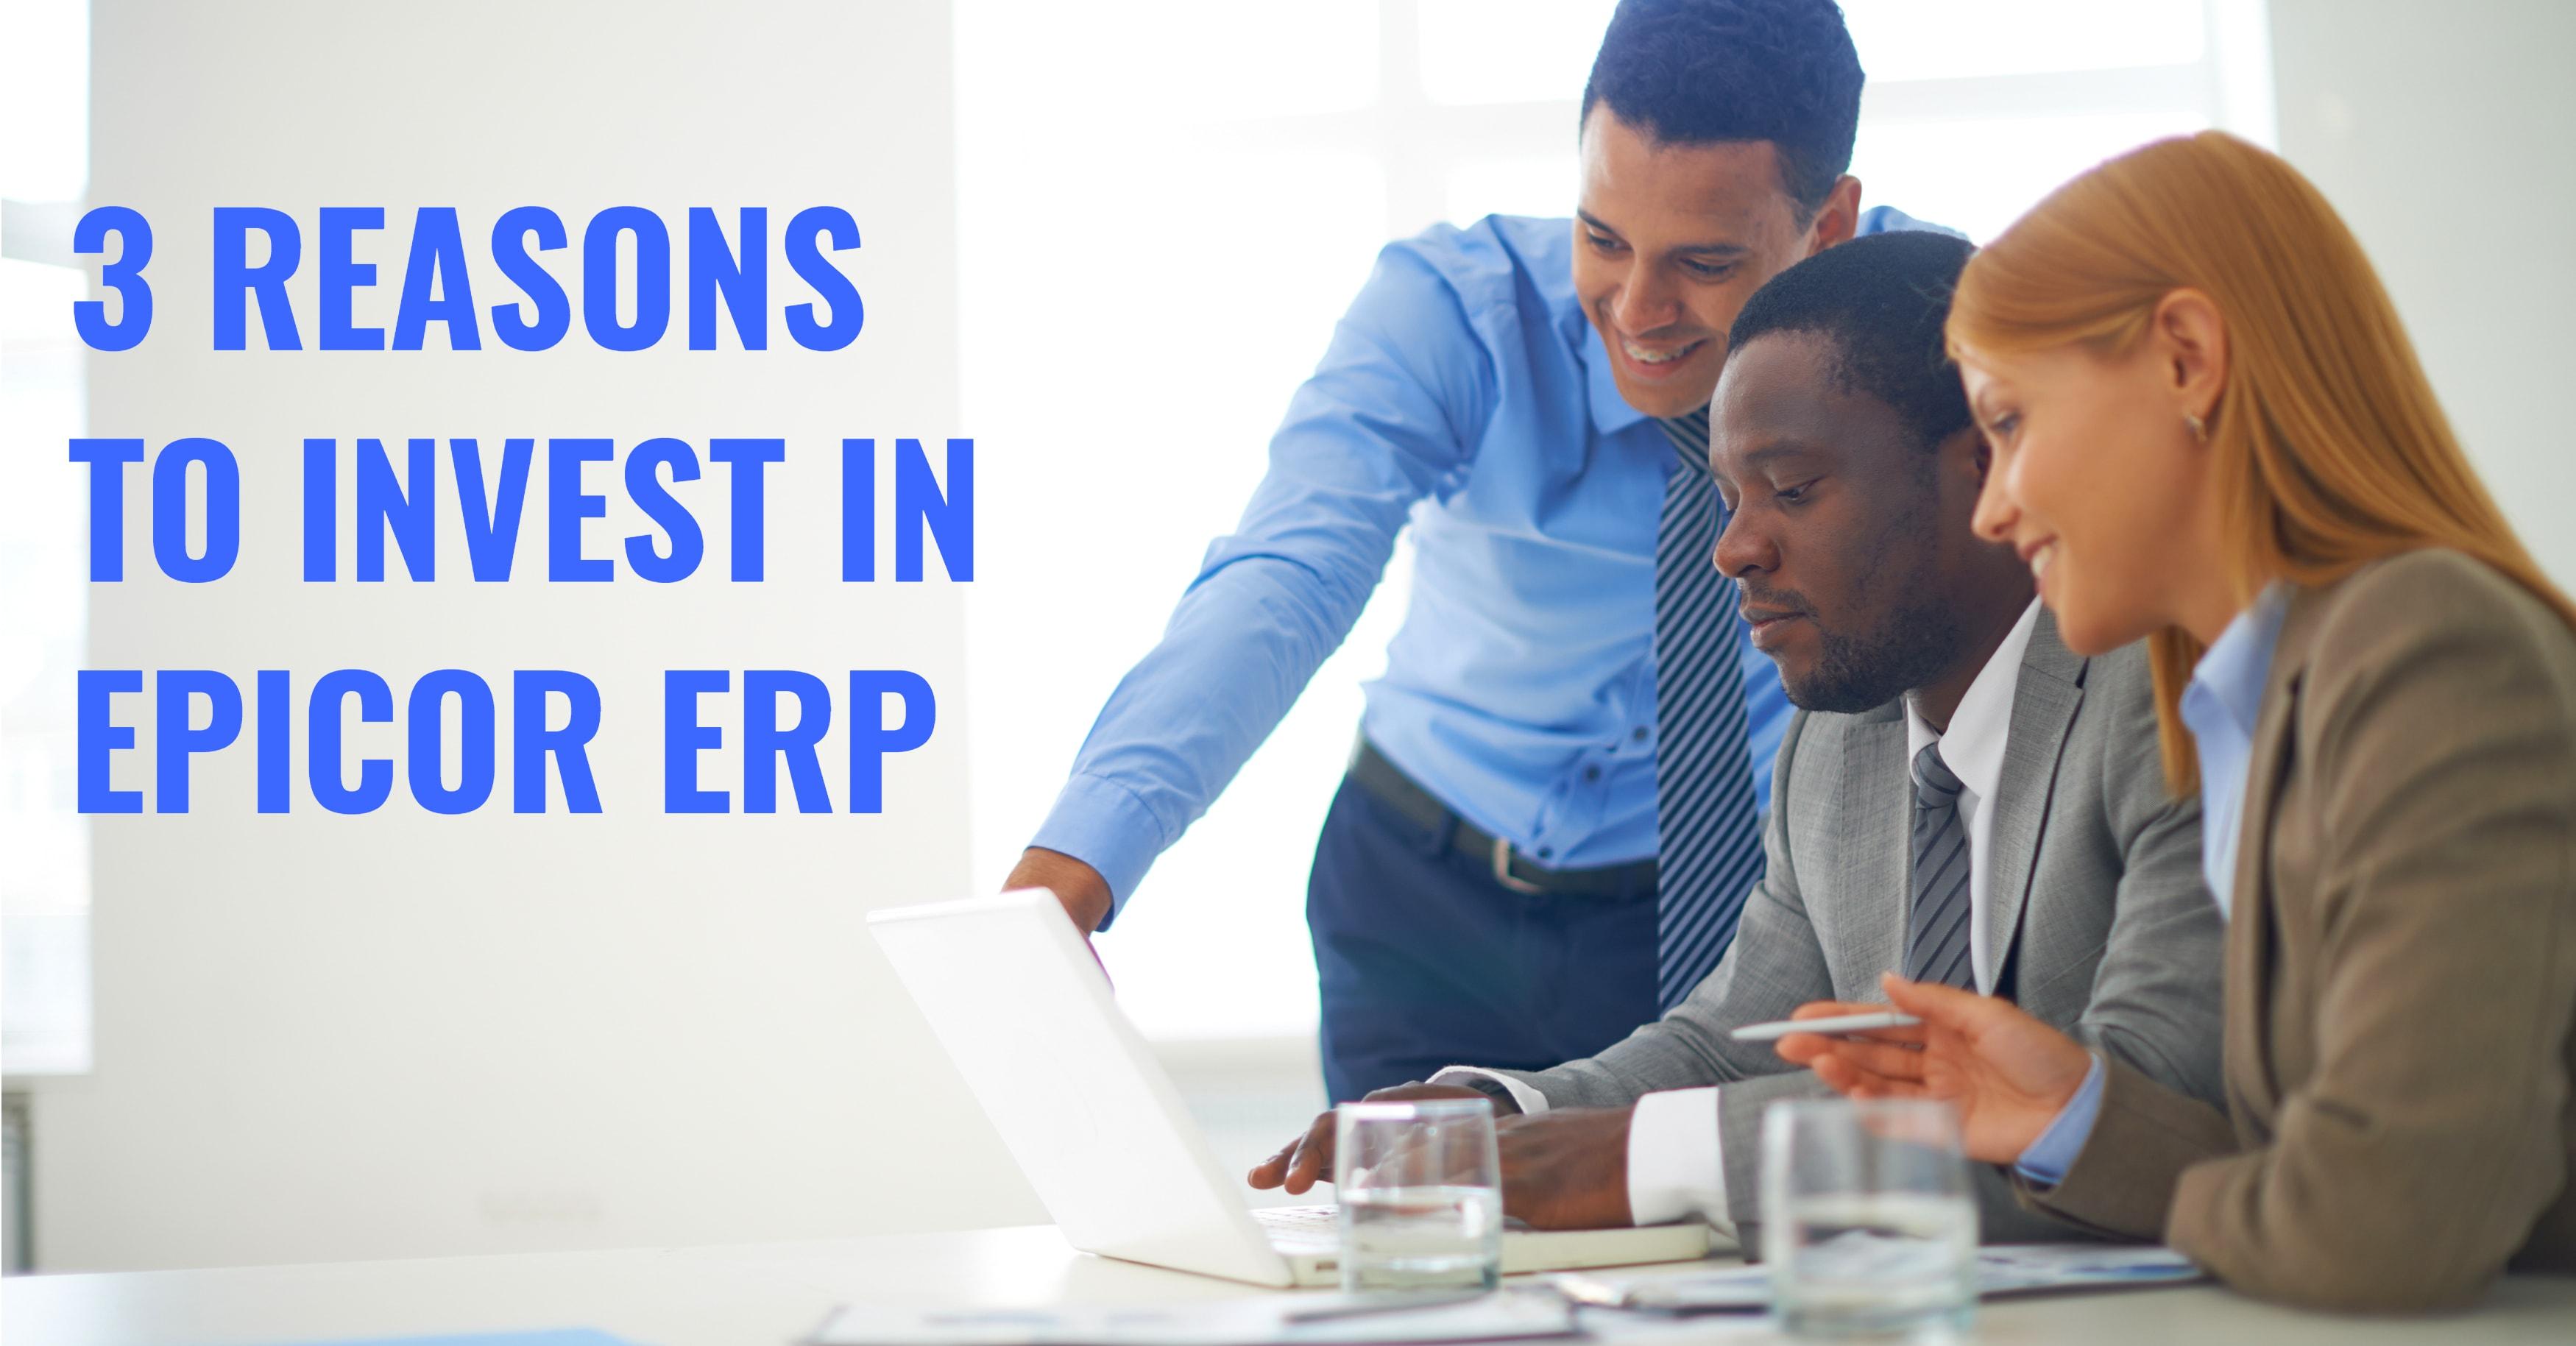 Epicor ERP Investment